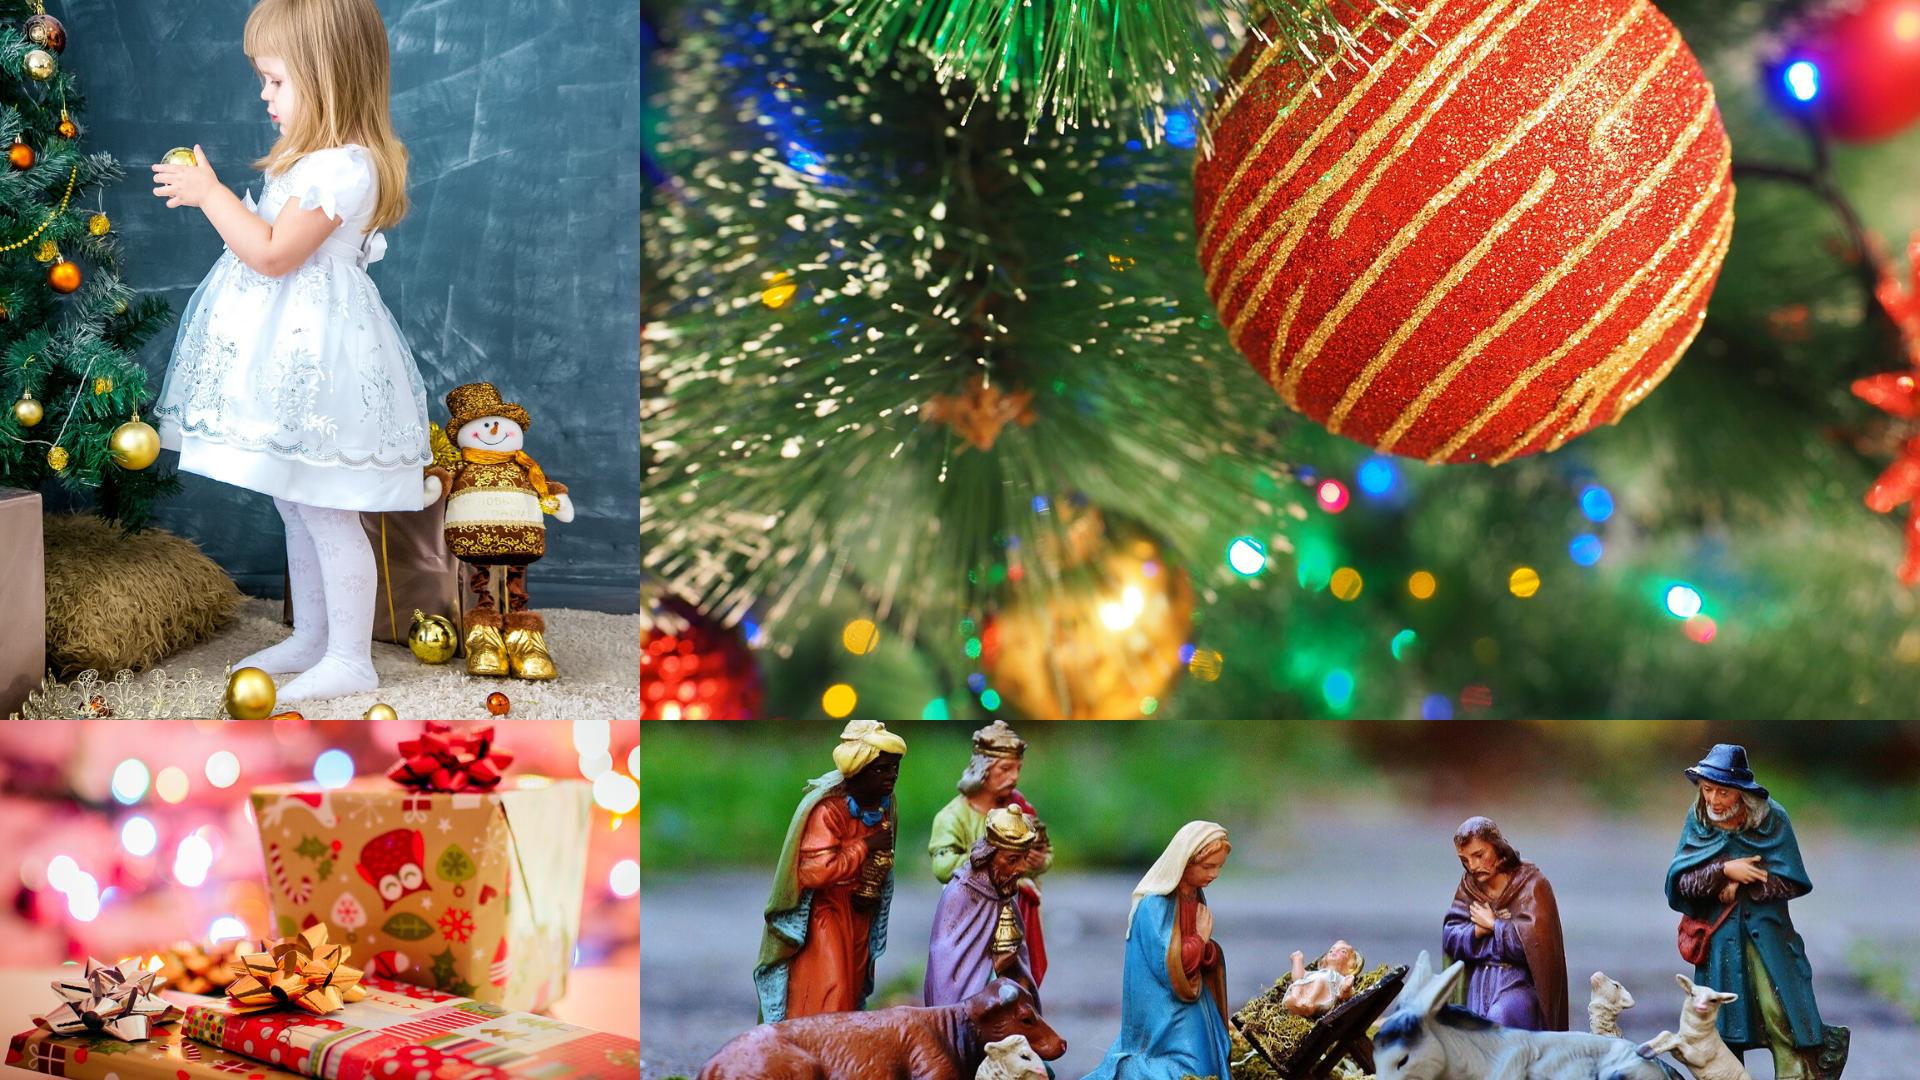 Immagine Di Natale Foto.Il Natale In Italia Scuole D Italiano Per Stranieri Societa Dante Alighieri